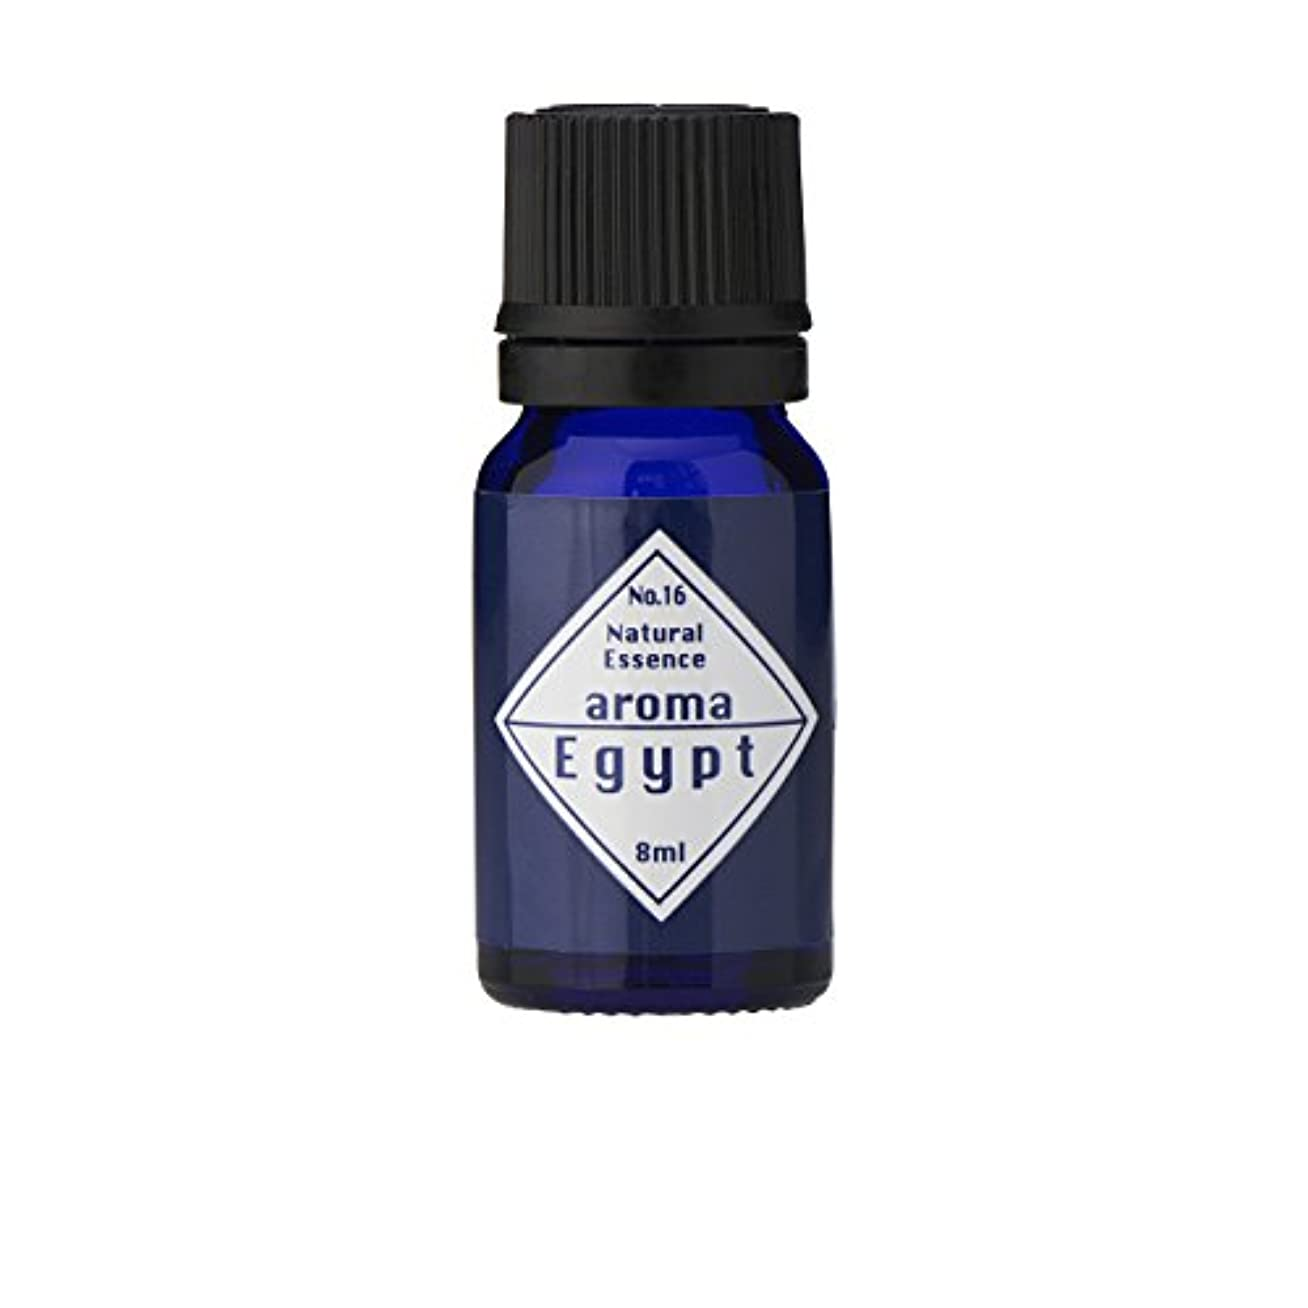 テストペネロペアイロニーブルーラベル アロマエッセンス8ml エジプト(アロマオイル 調合香料 芳香用)